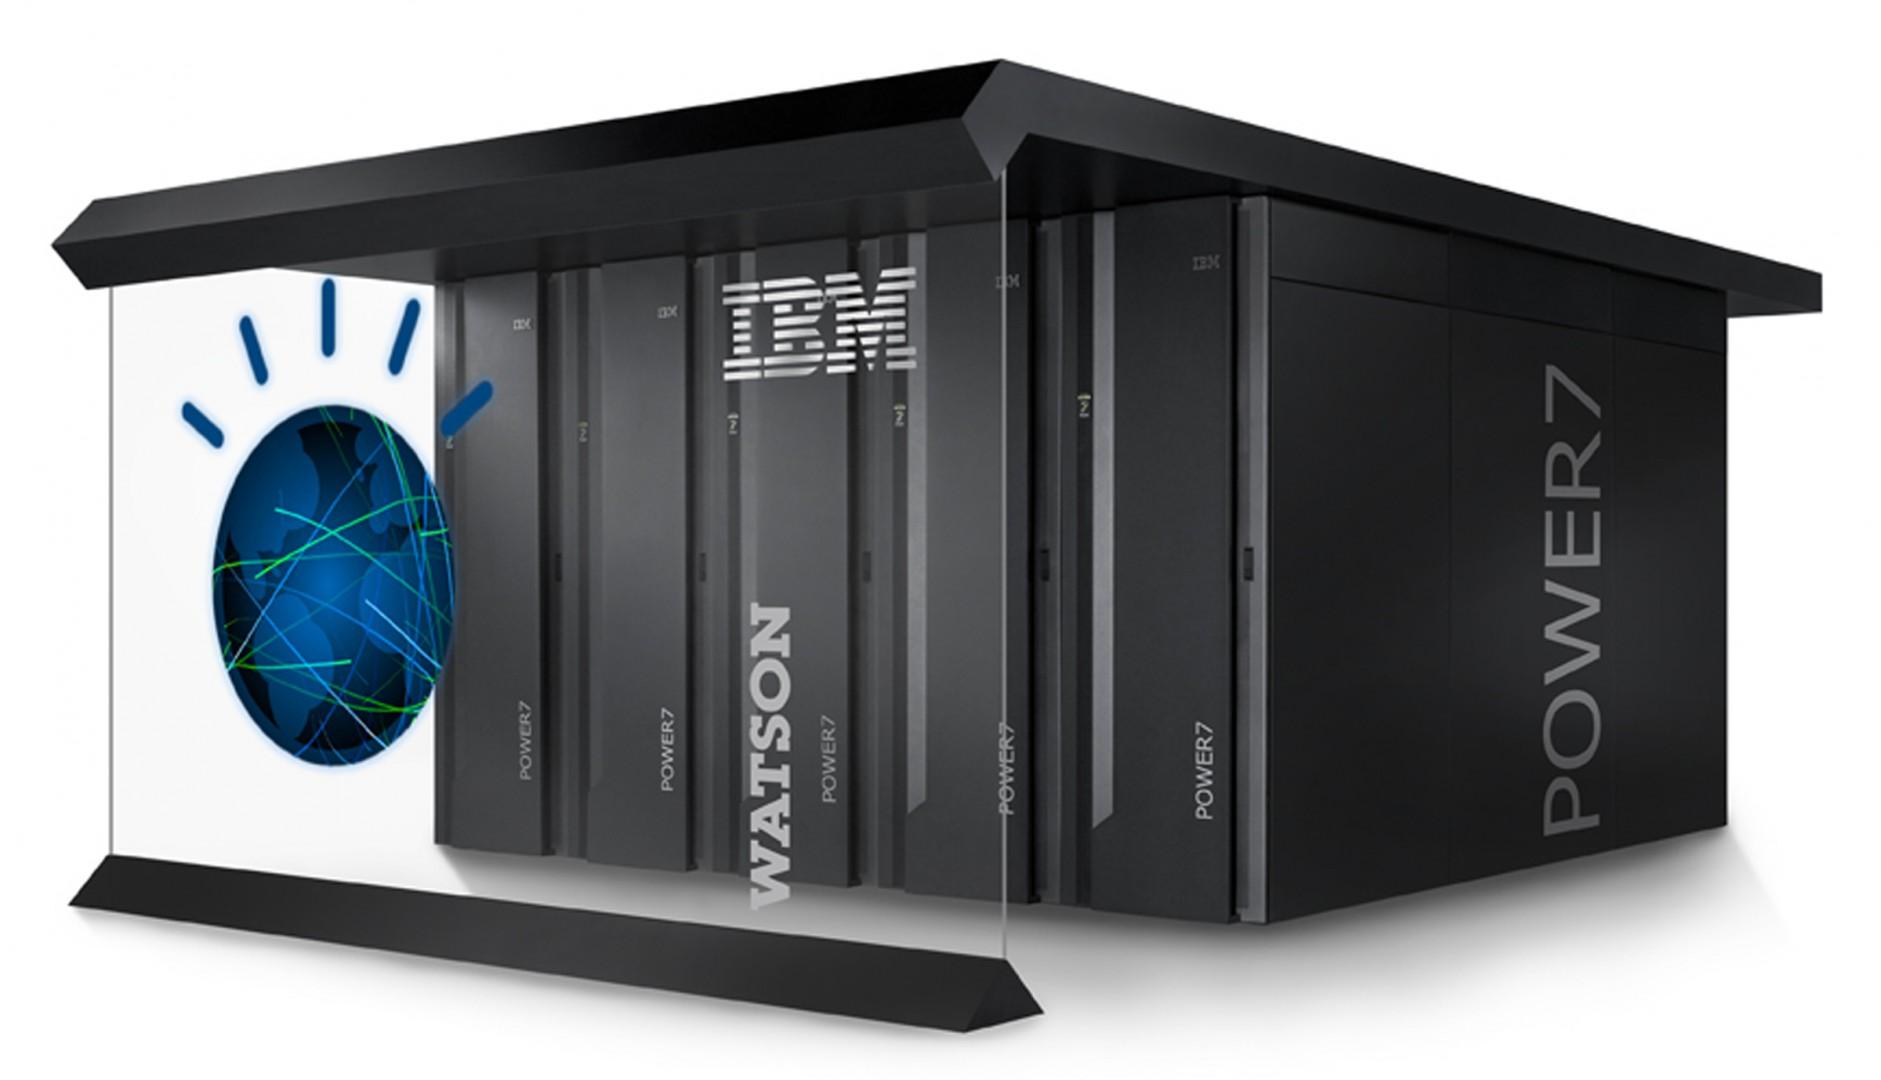 Siêu máy tính IBM Watson không còn dùng để chơi game nữa mà đã trở thành công cụ nghiên cứu y khoa.